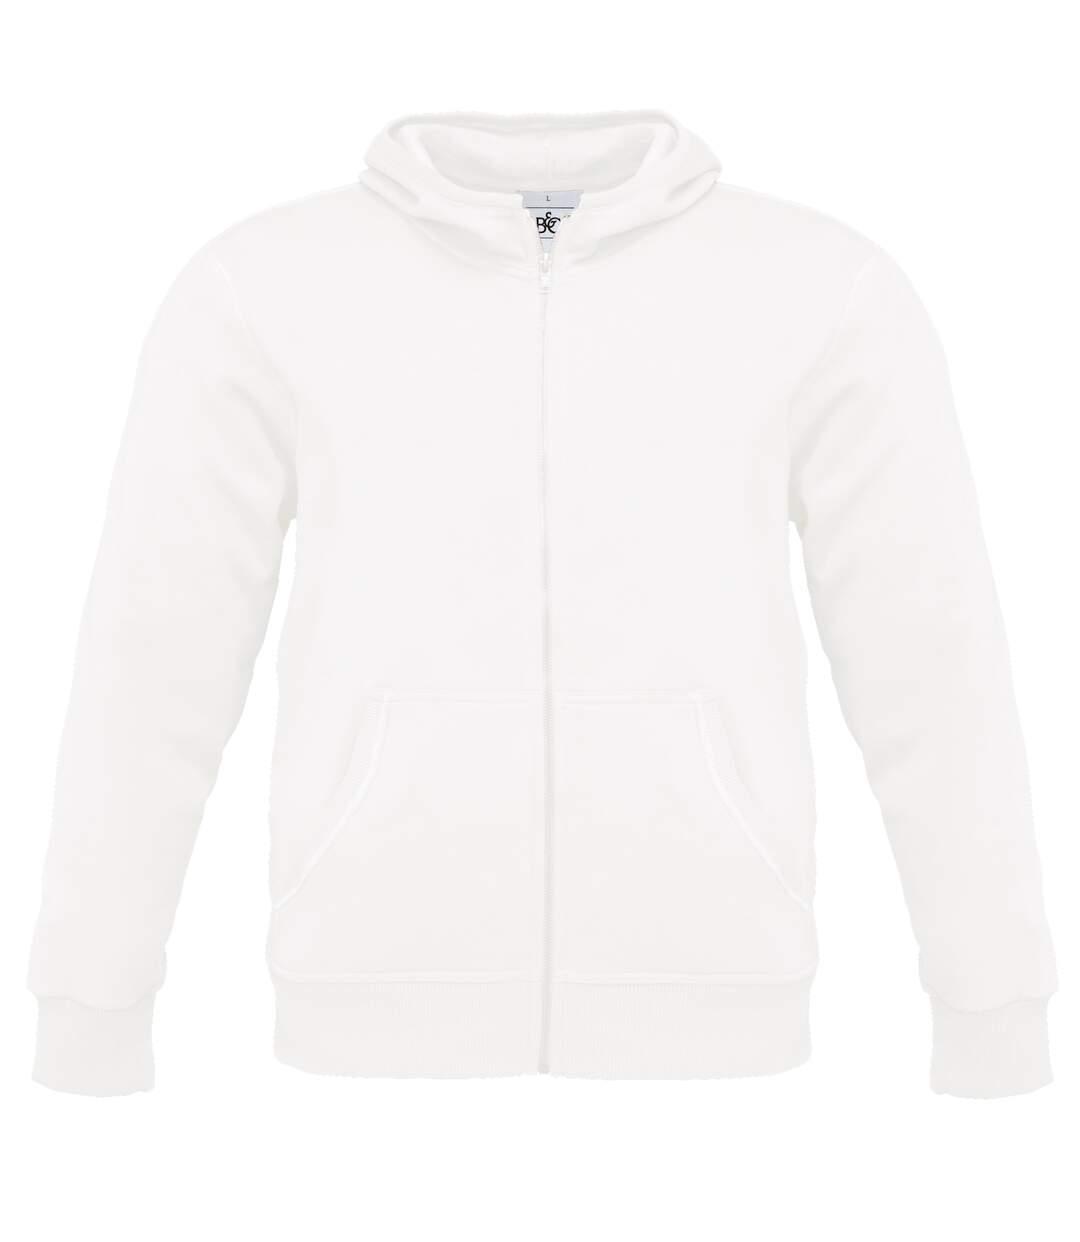 B&C Mens Monster Full Zip Hooded Sweatshirt / Hoodie (Red) - UTBC2012